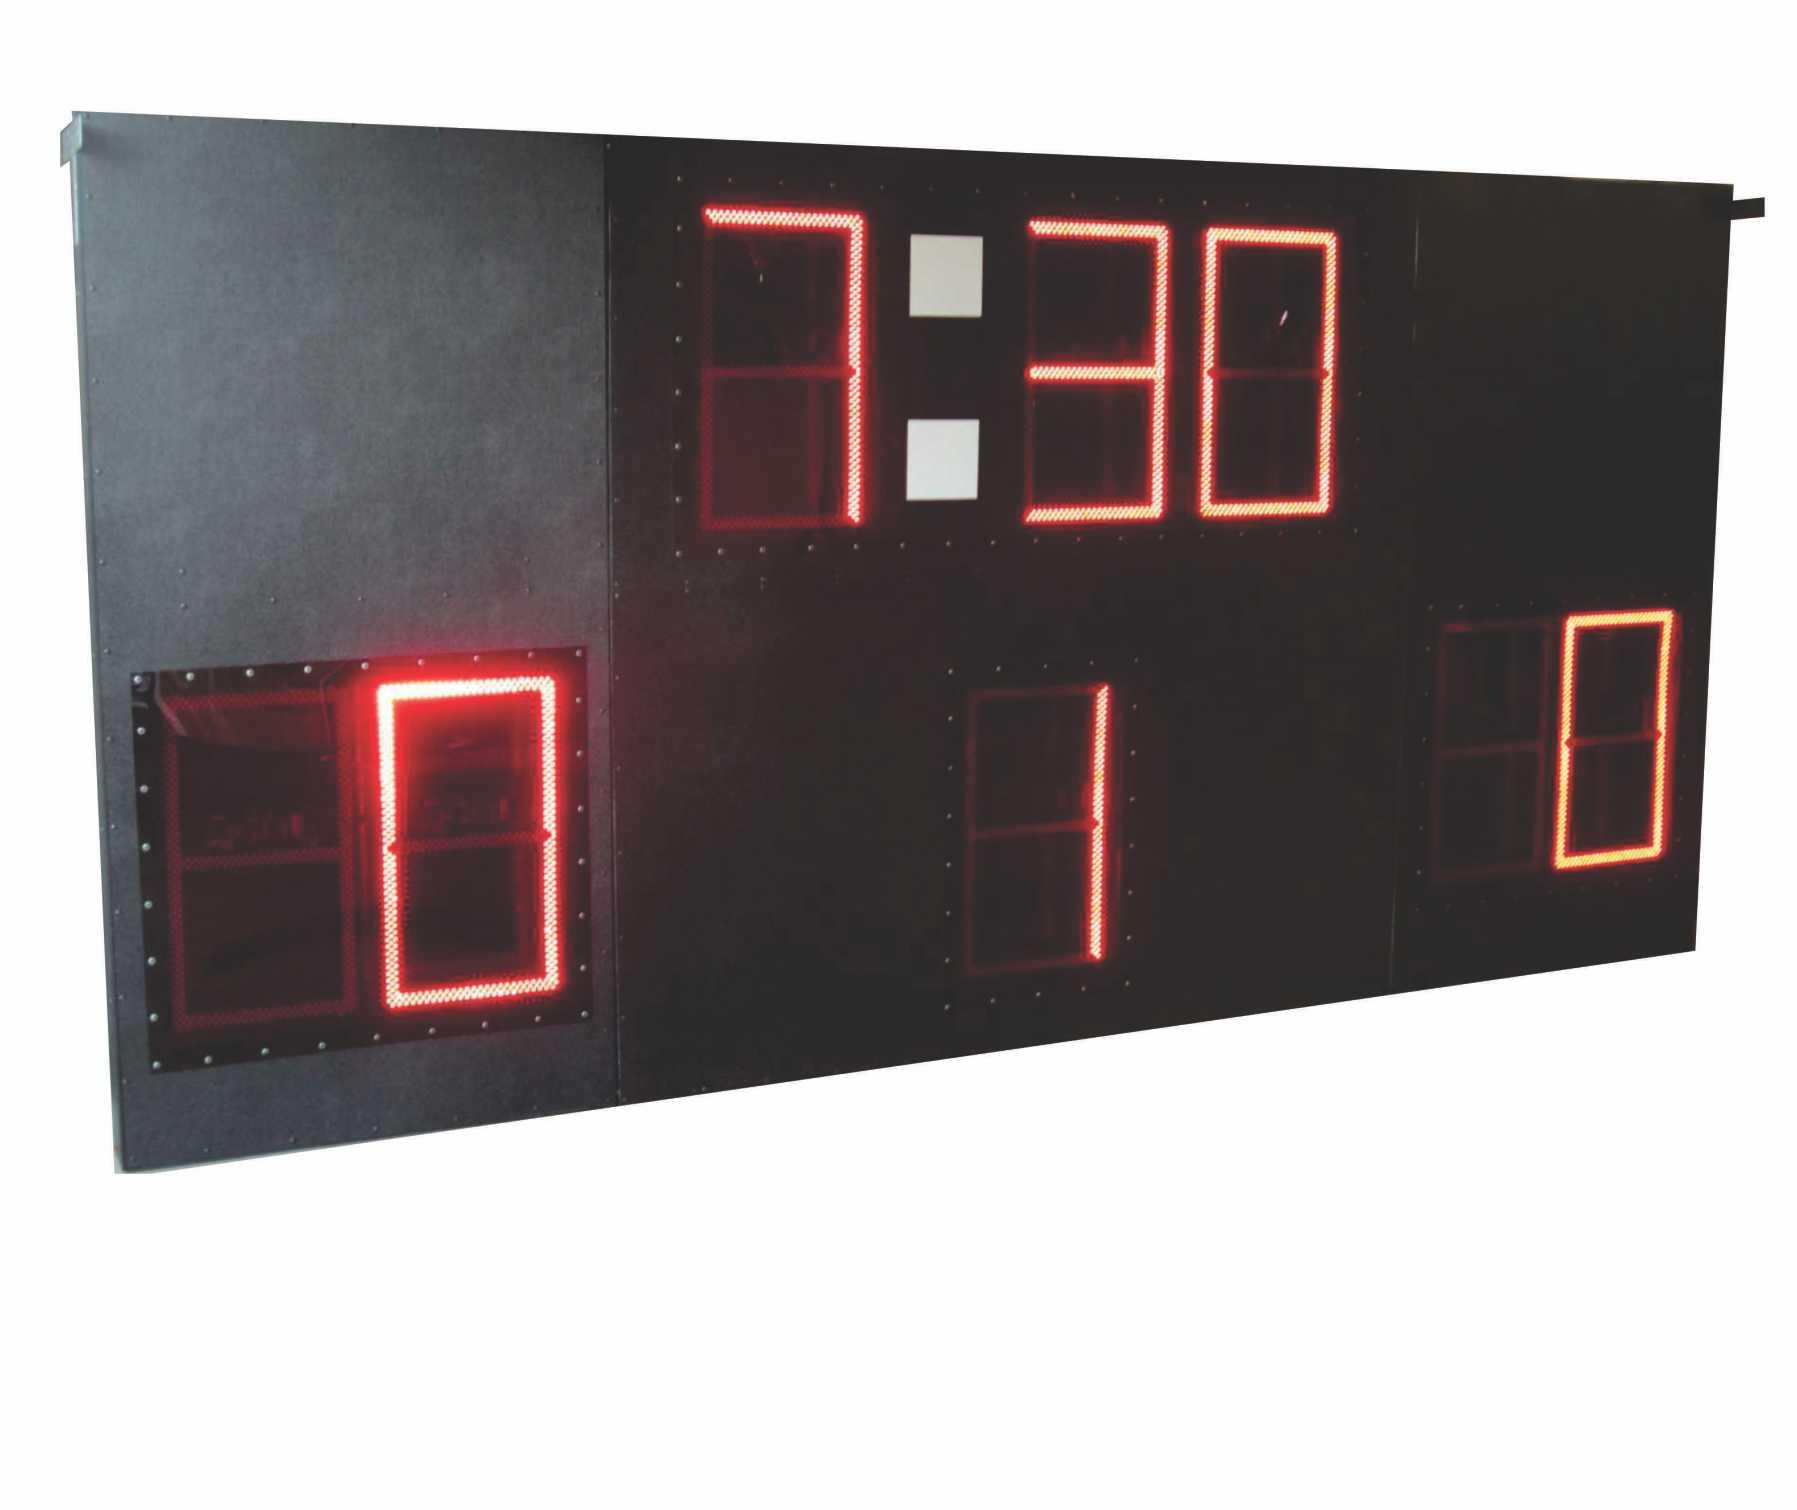 12 Foot x 6 Foot Wireless Scoreboard